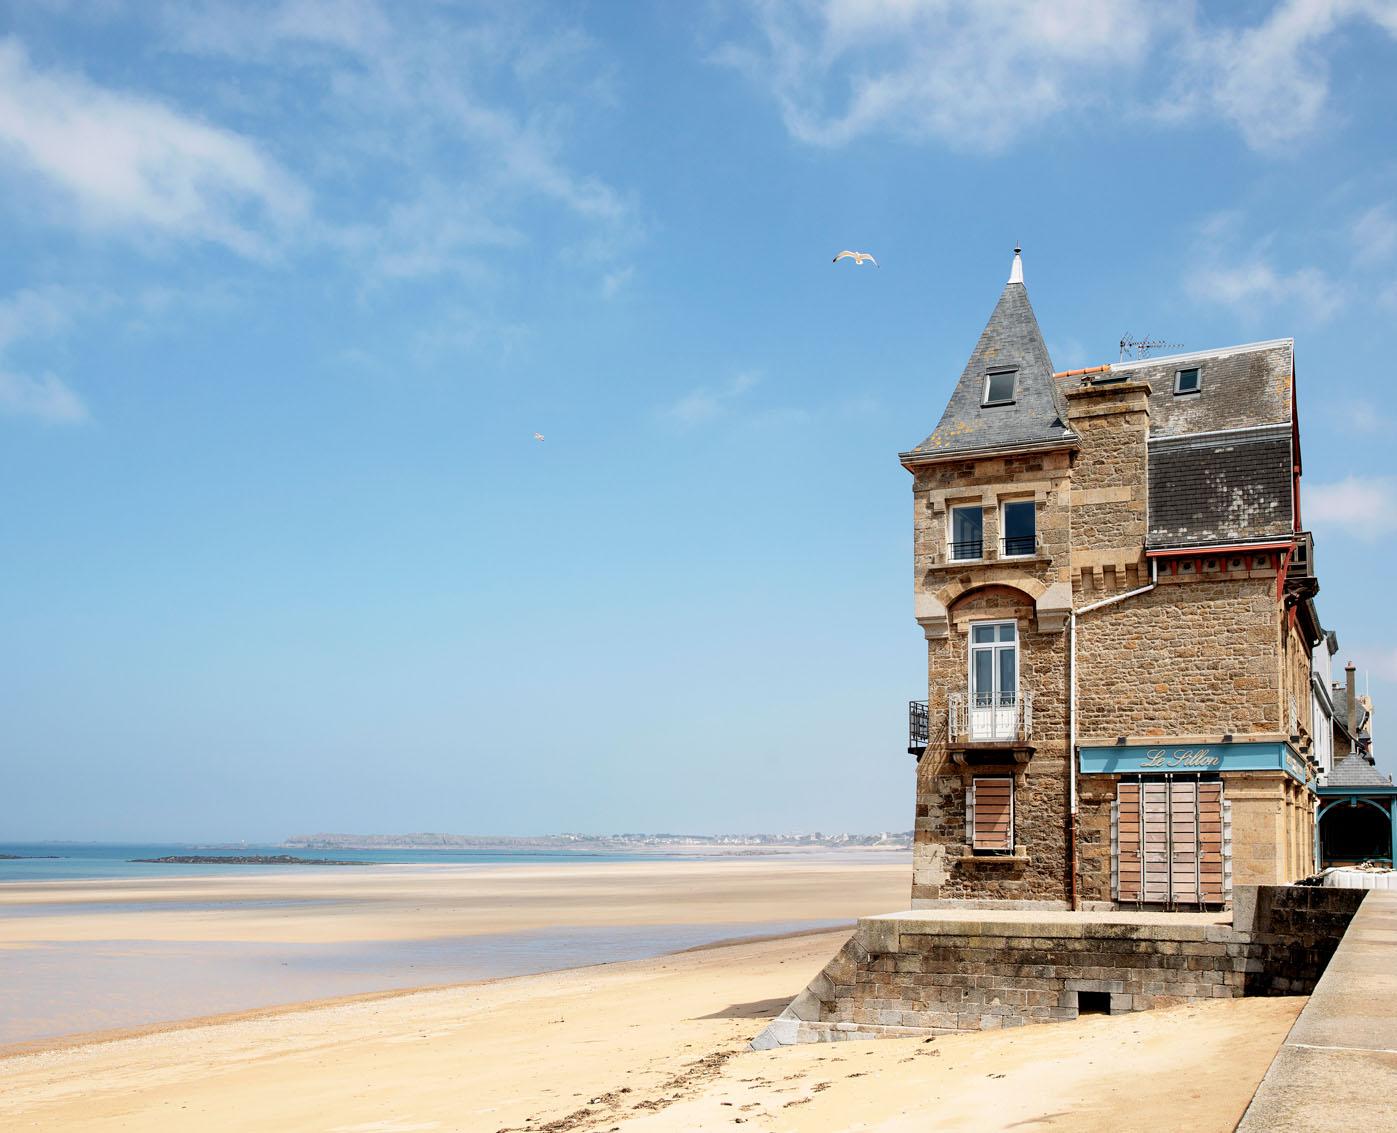 Mercredi 6 mai 2020, Saint-Malo